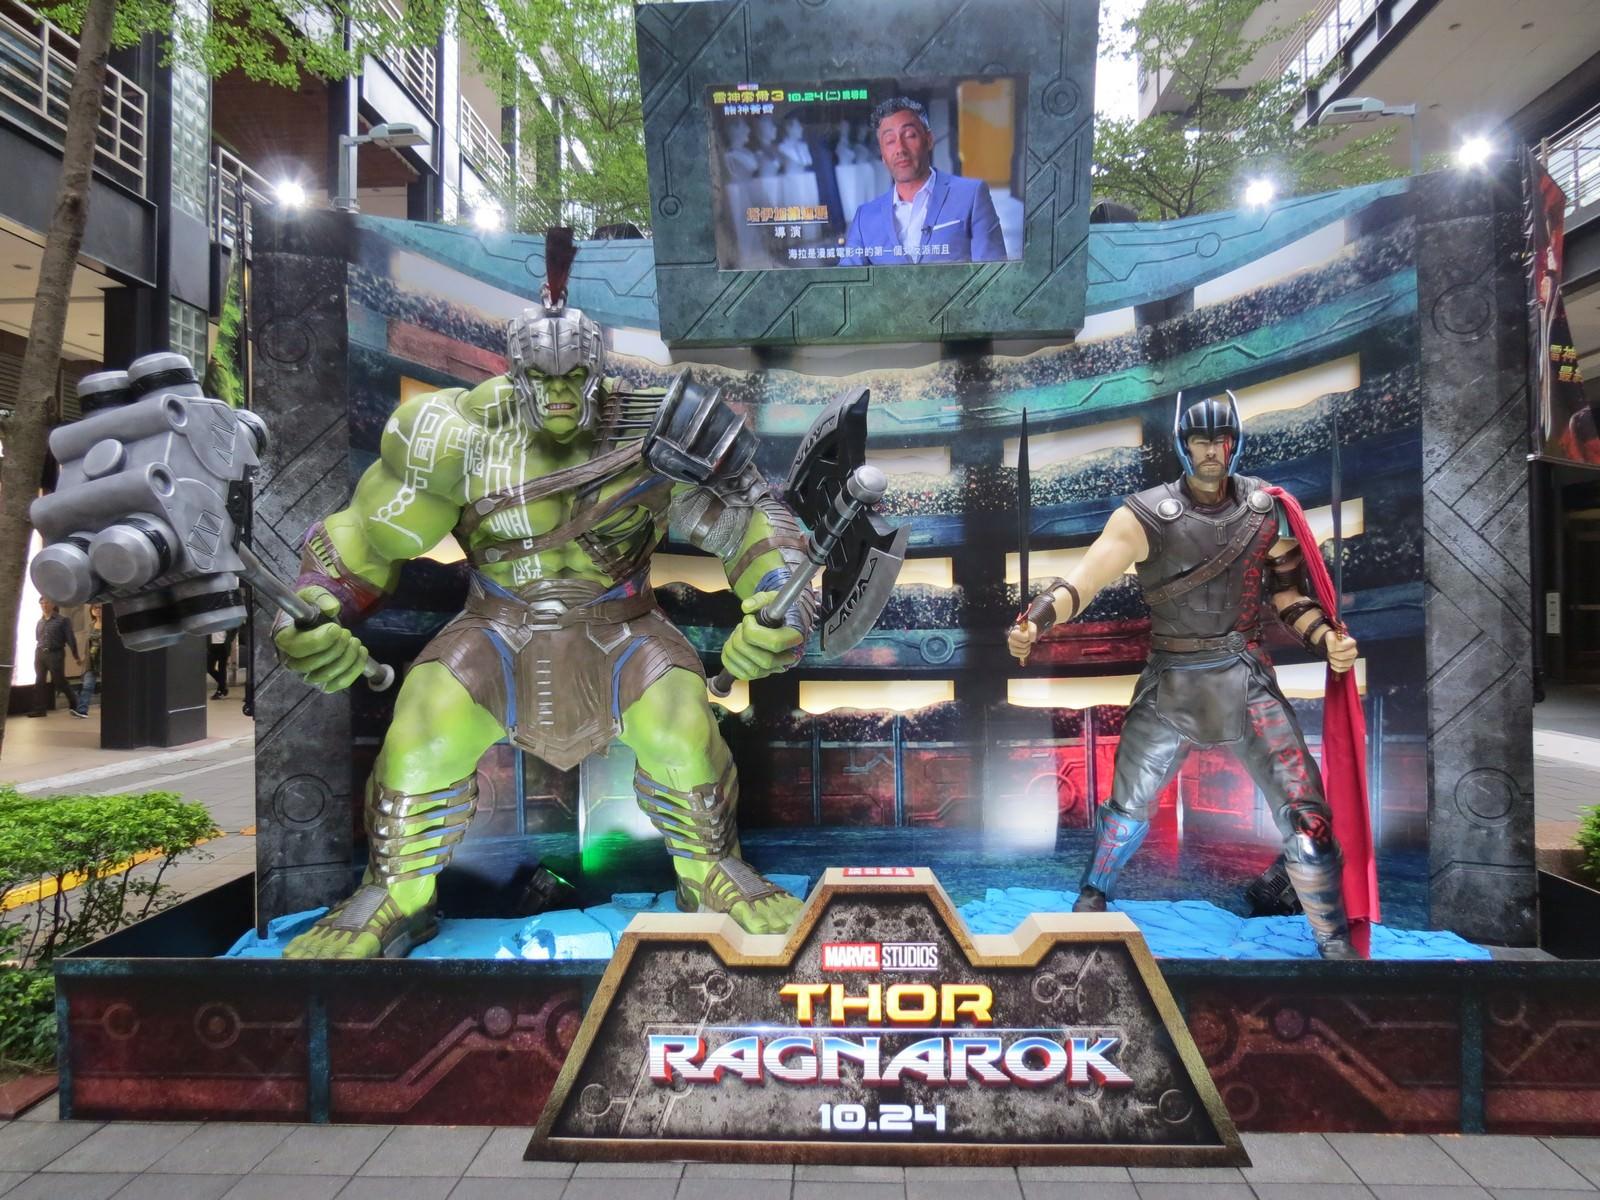 Movie, Thor: Ragnarok(美國, 2017年) / 雷神索爾3:諸神黃昏(台灣) / 雷神3:诸神黄昏(中國) / 雷神奇俠3:諸神黃昏(香港), 廣告看板, 電影主題展, 信義新天地